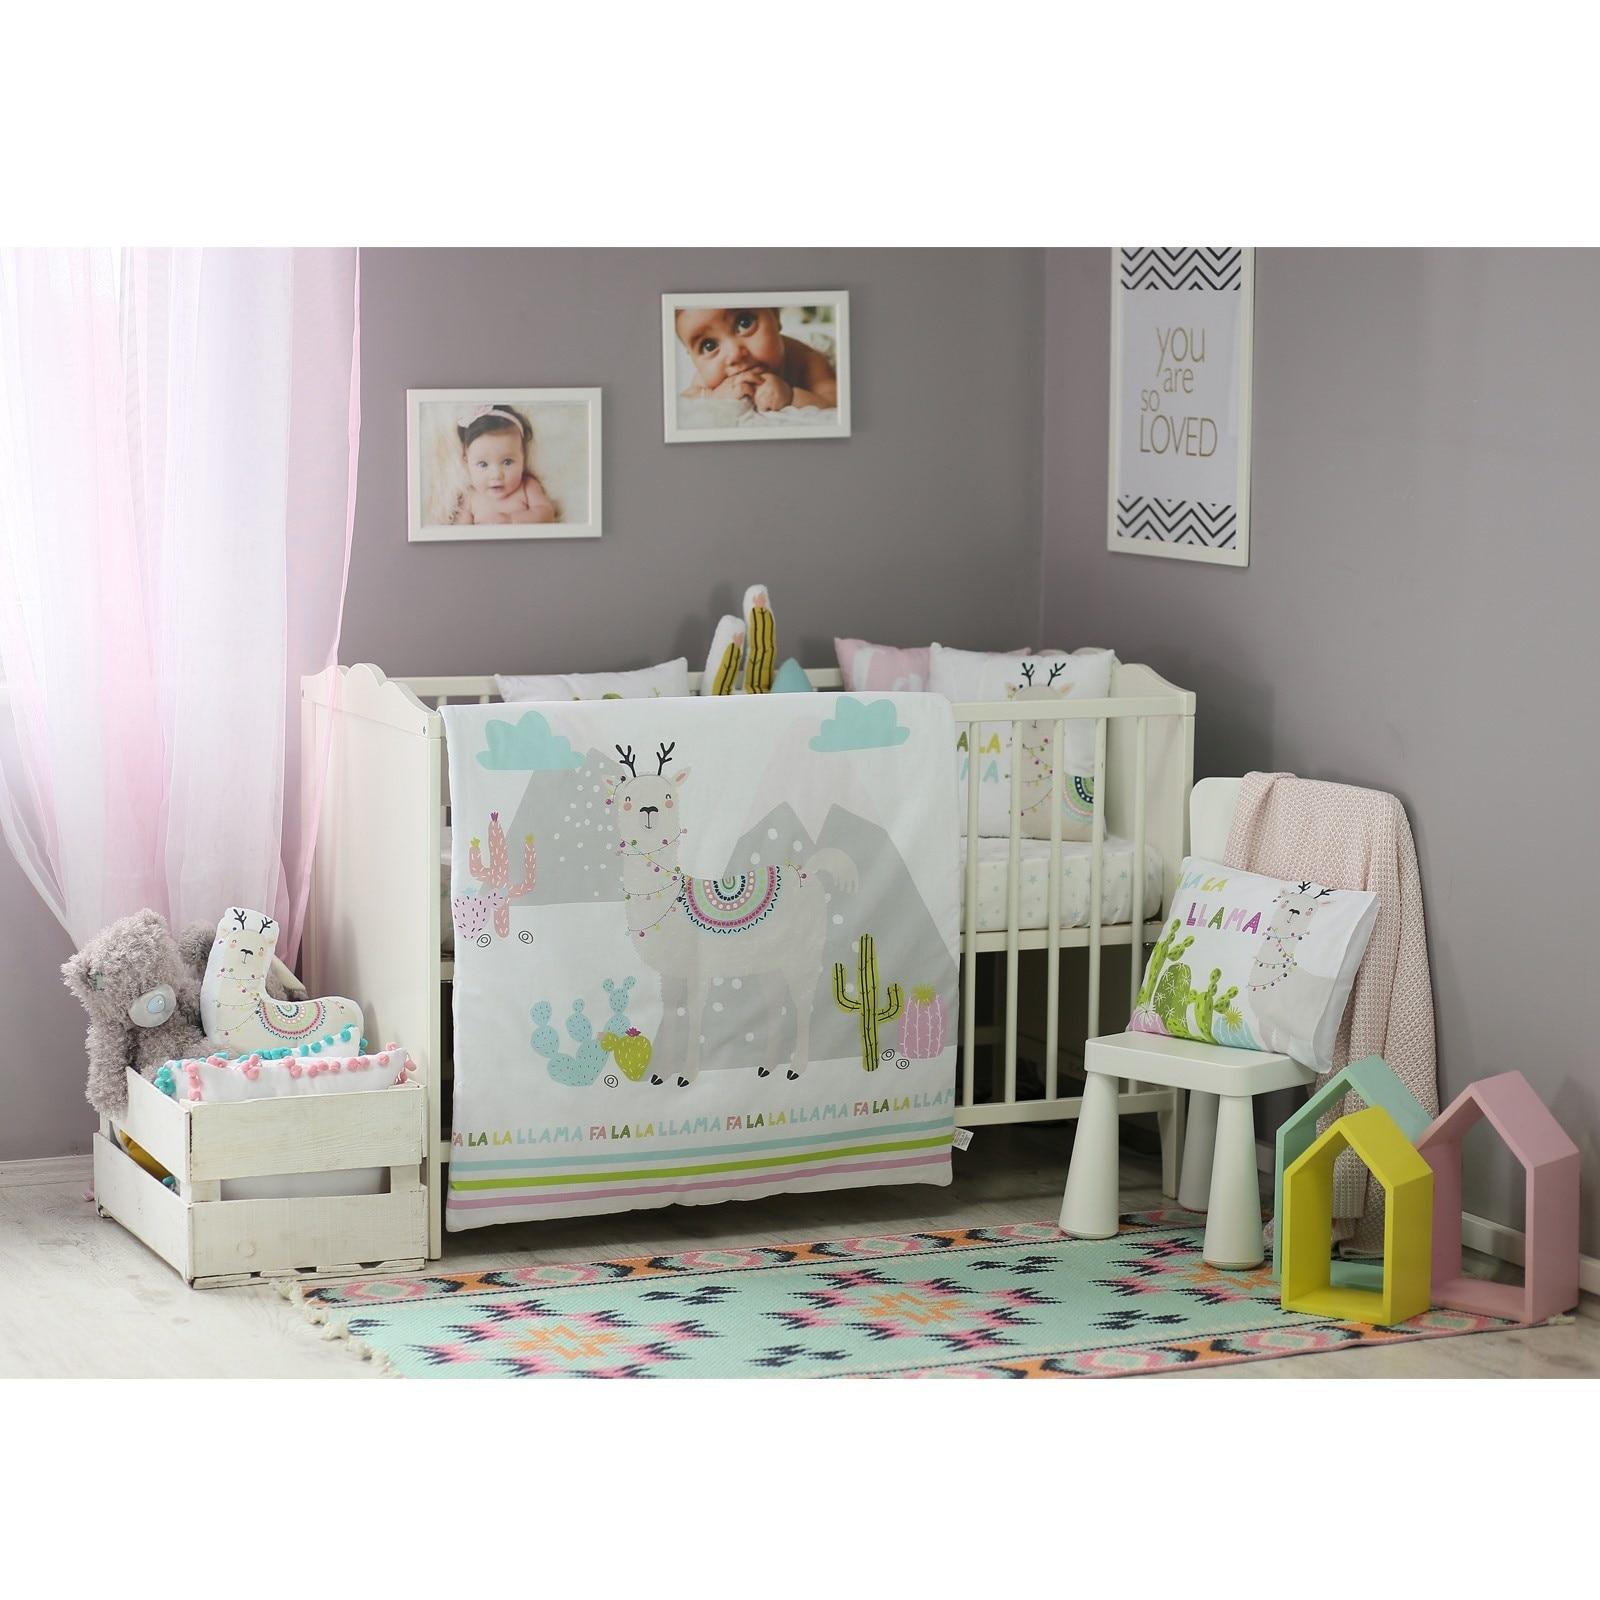 Ebebek Apolena Baby Llama Bed Filled Duvet 3 Pcs Set